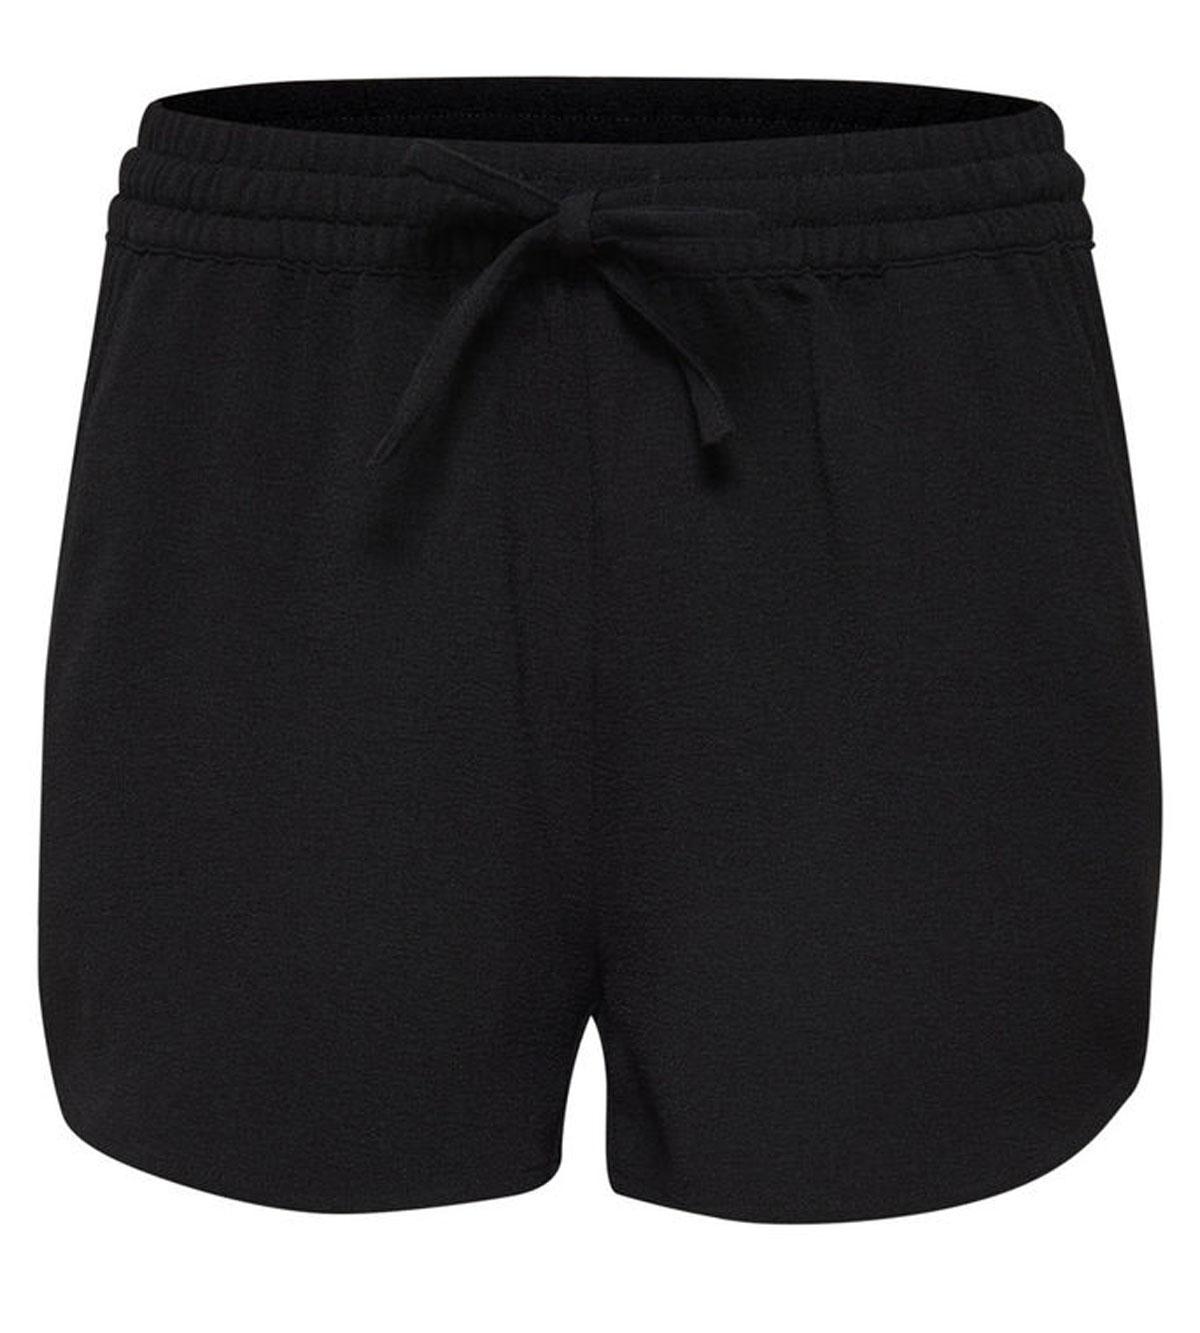 Шорты женские Only, цвет: черный. 15123924_Black. Размер 36 (42)15123924_BlackСтильные женские шорты Only, изготовленные из высококачественного материала, созданы для модных и смелых девушек.Модель с резинкой на поясе и завязками. В этих модных шортах вы будете чувствовать себя уверенно, оставаясь в центре внимания.